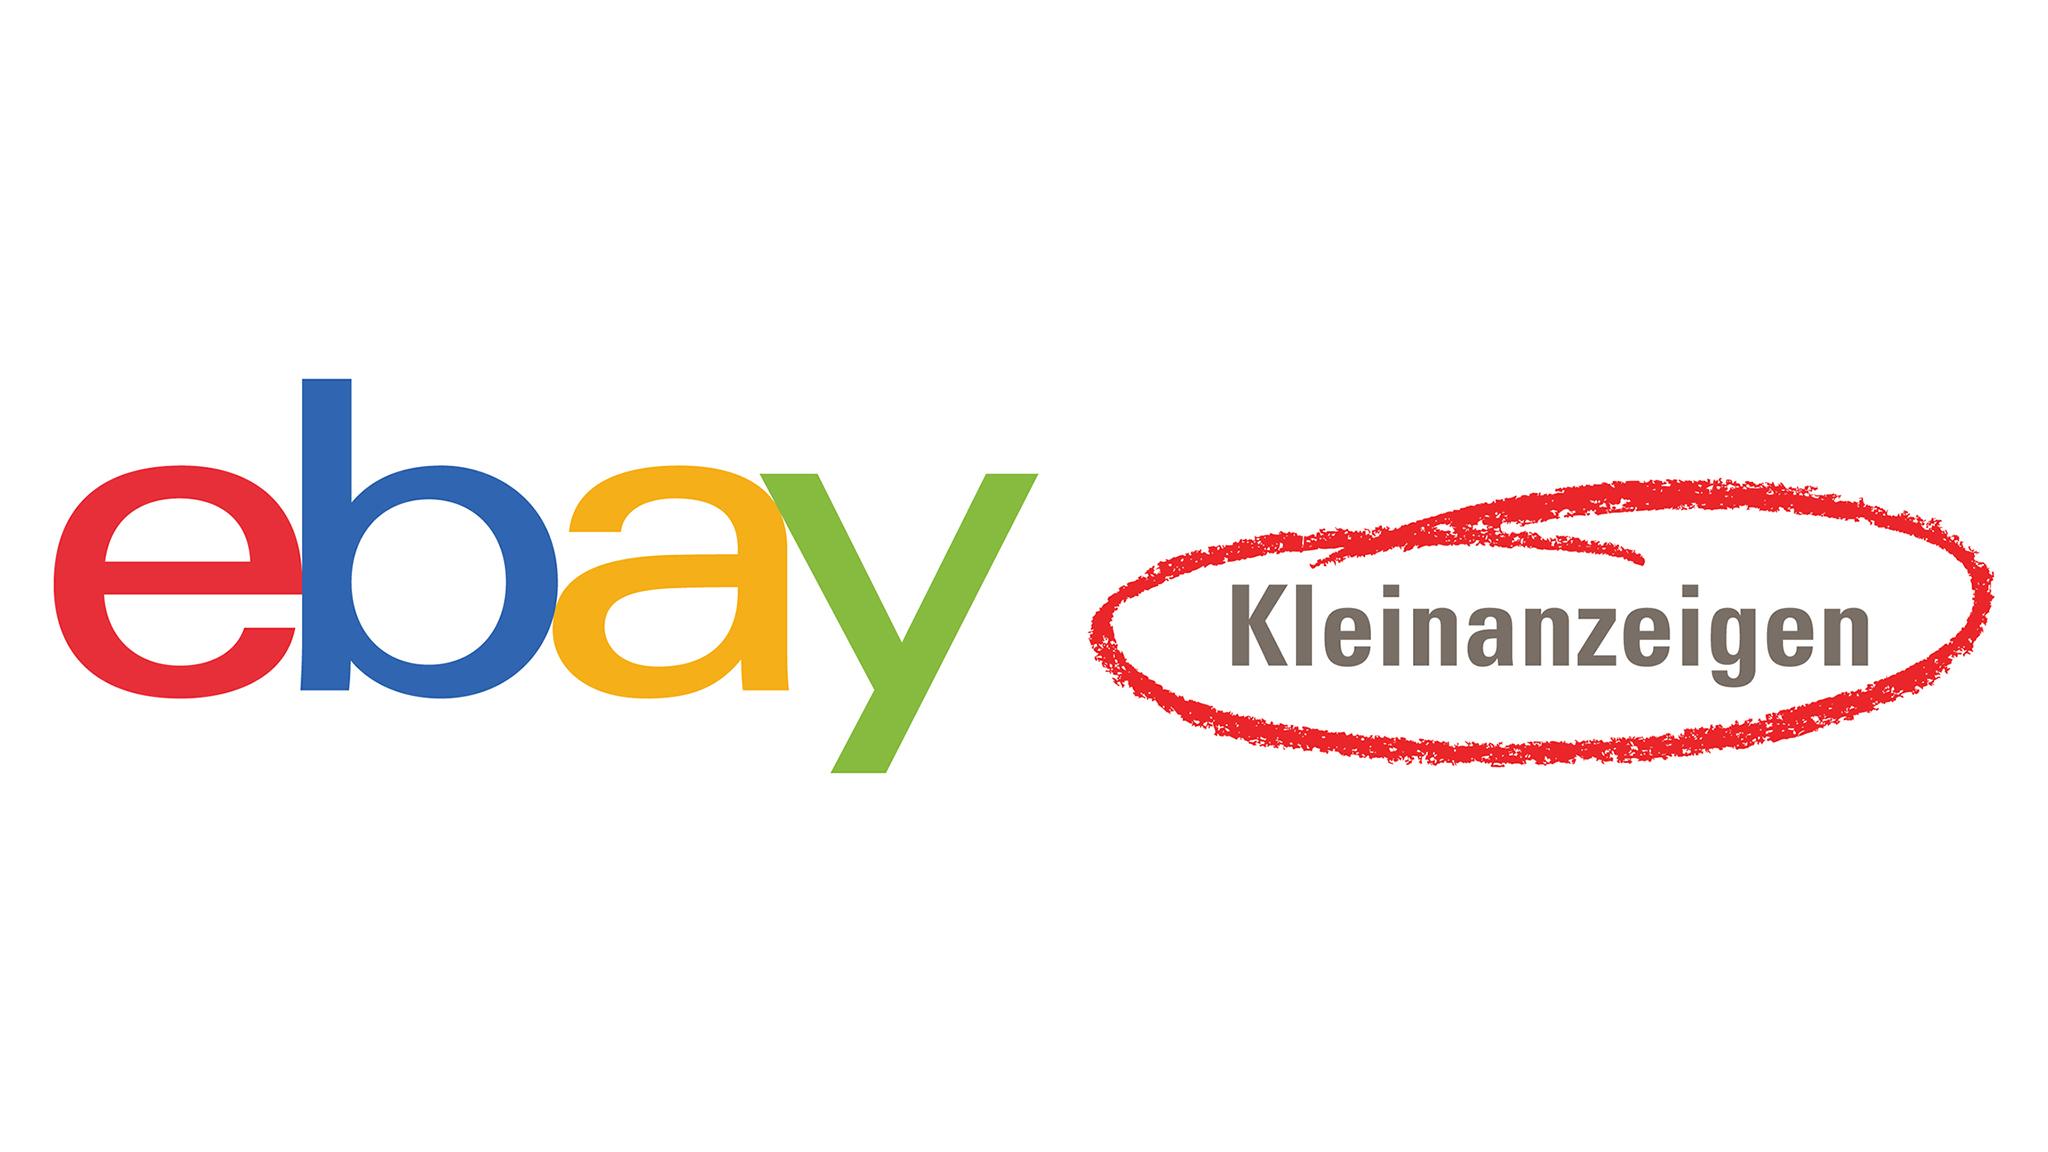 Ebay Kleinanzeigen: Alles von der Meinungsfreiheit gedeckt?